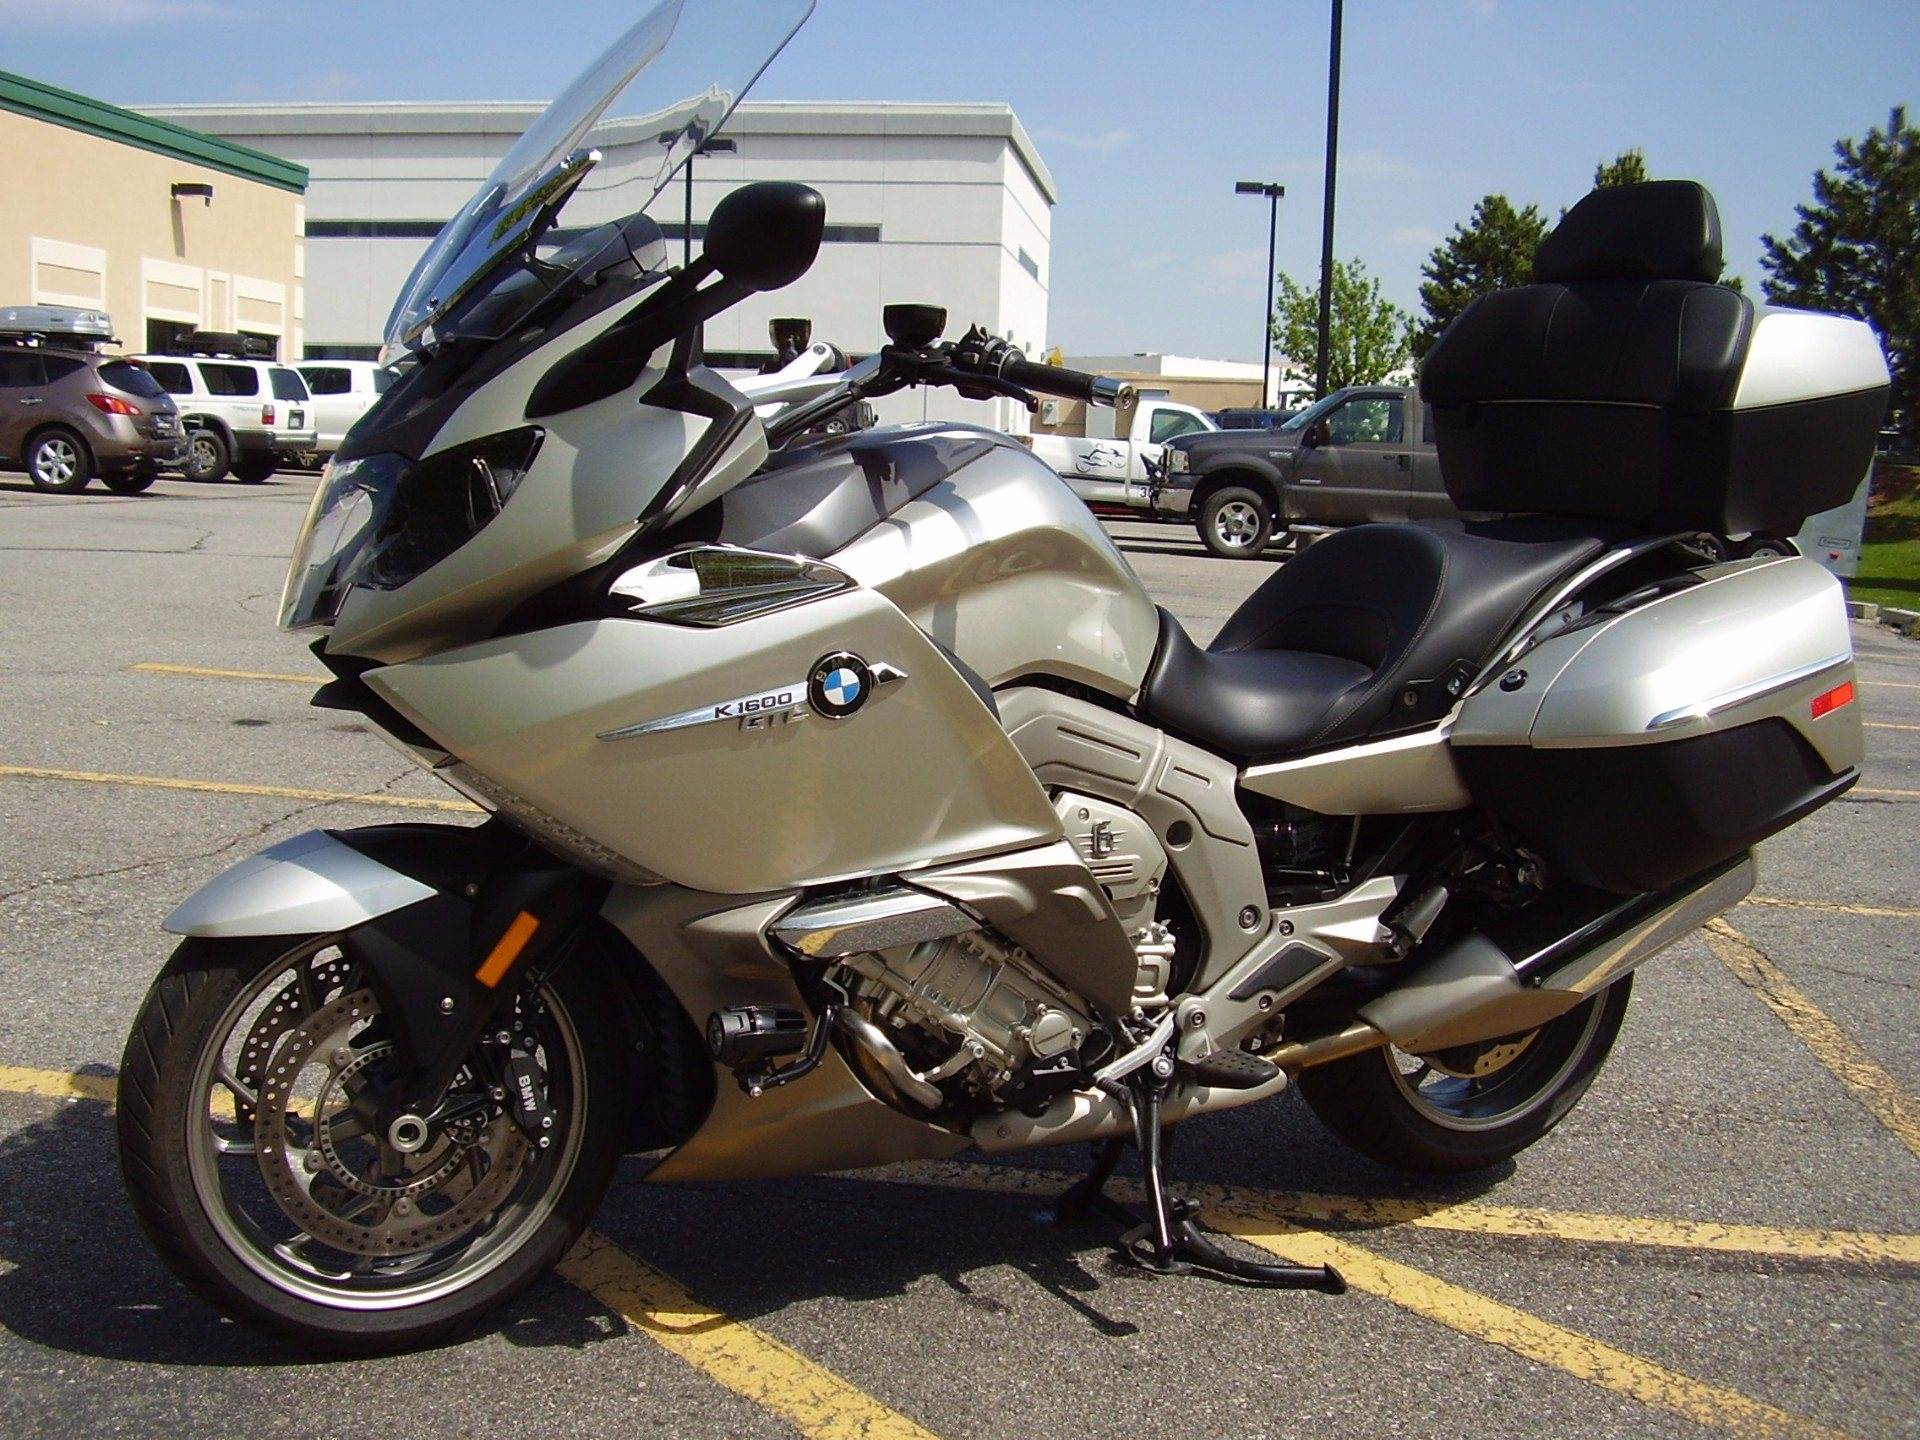 2012 BMW K 1600 GTL in Aurora, Colorado